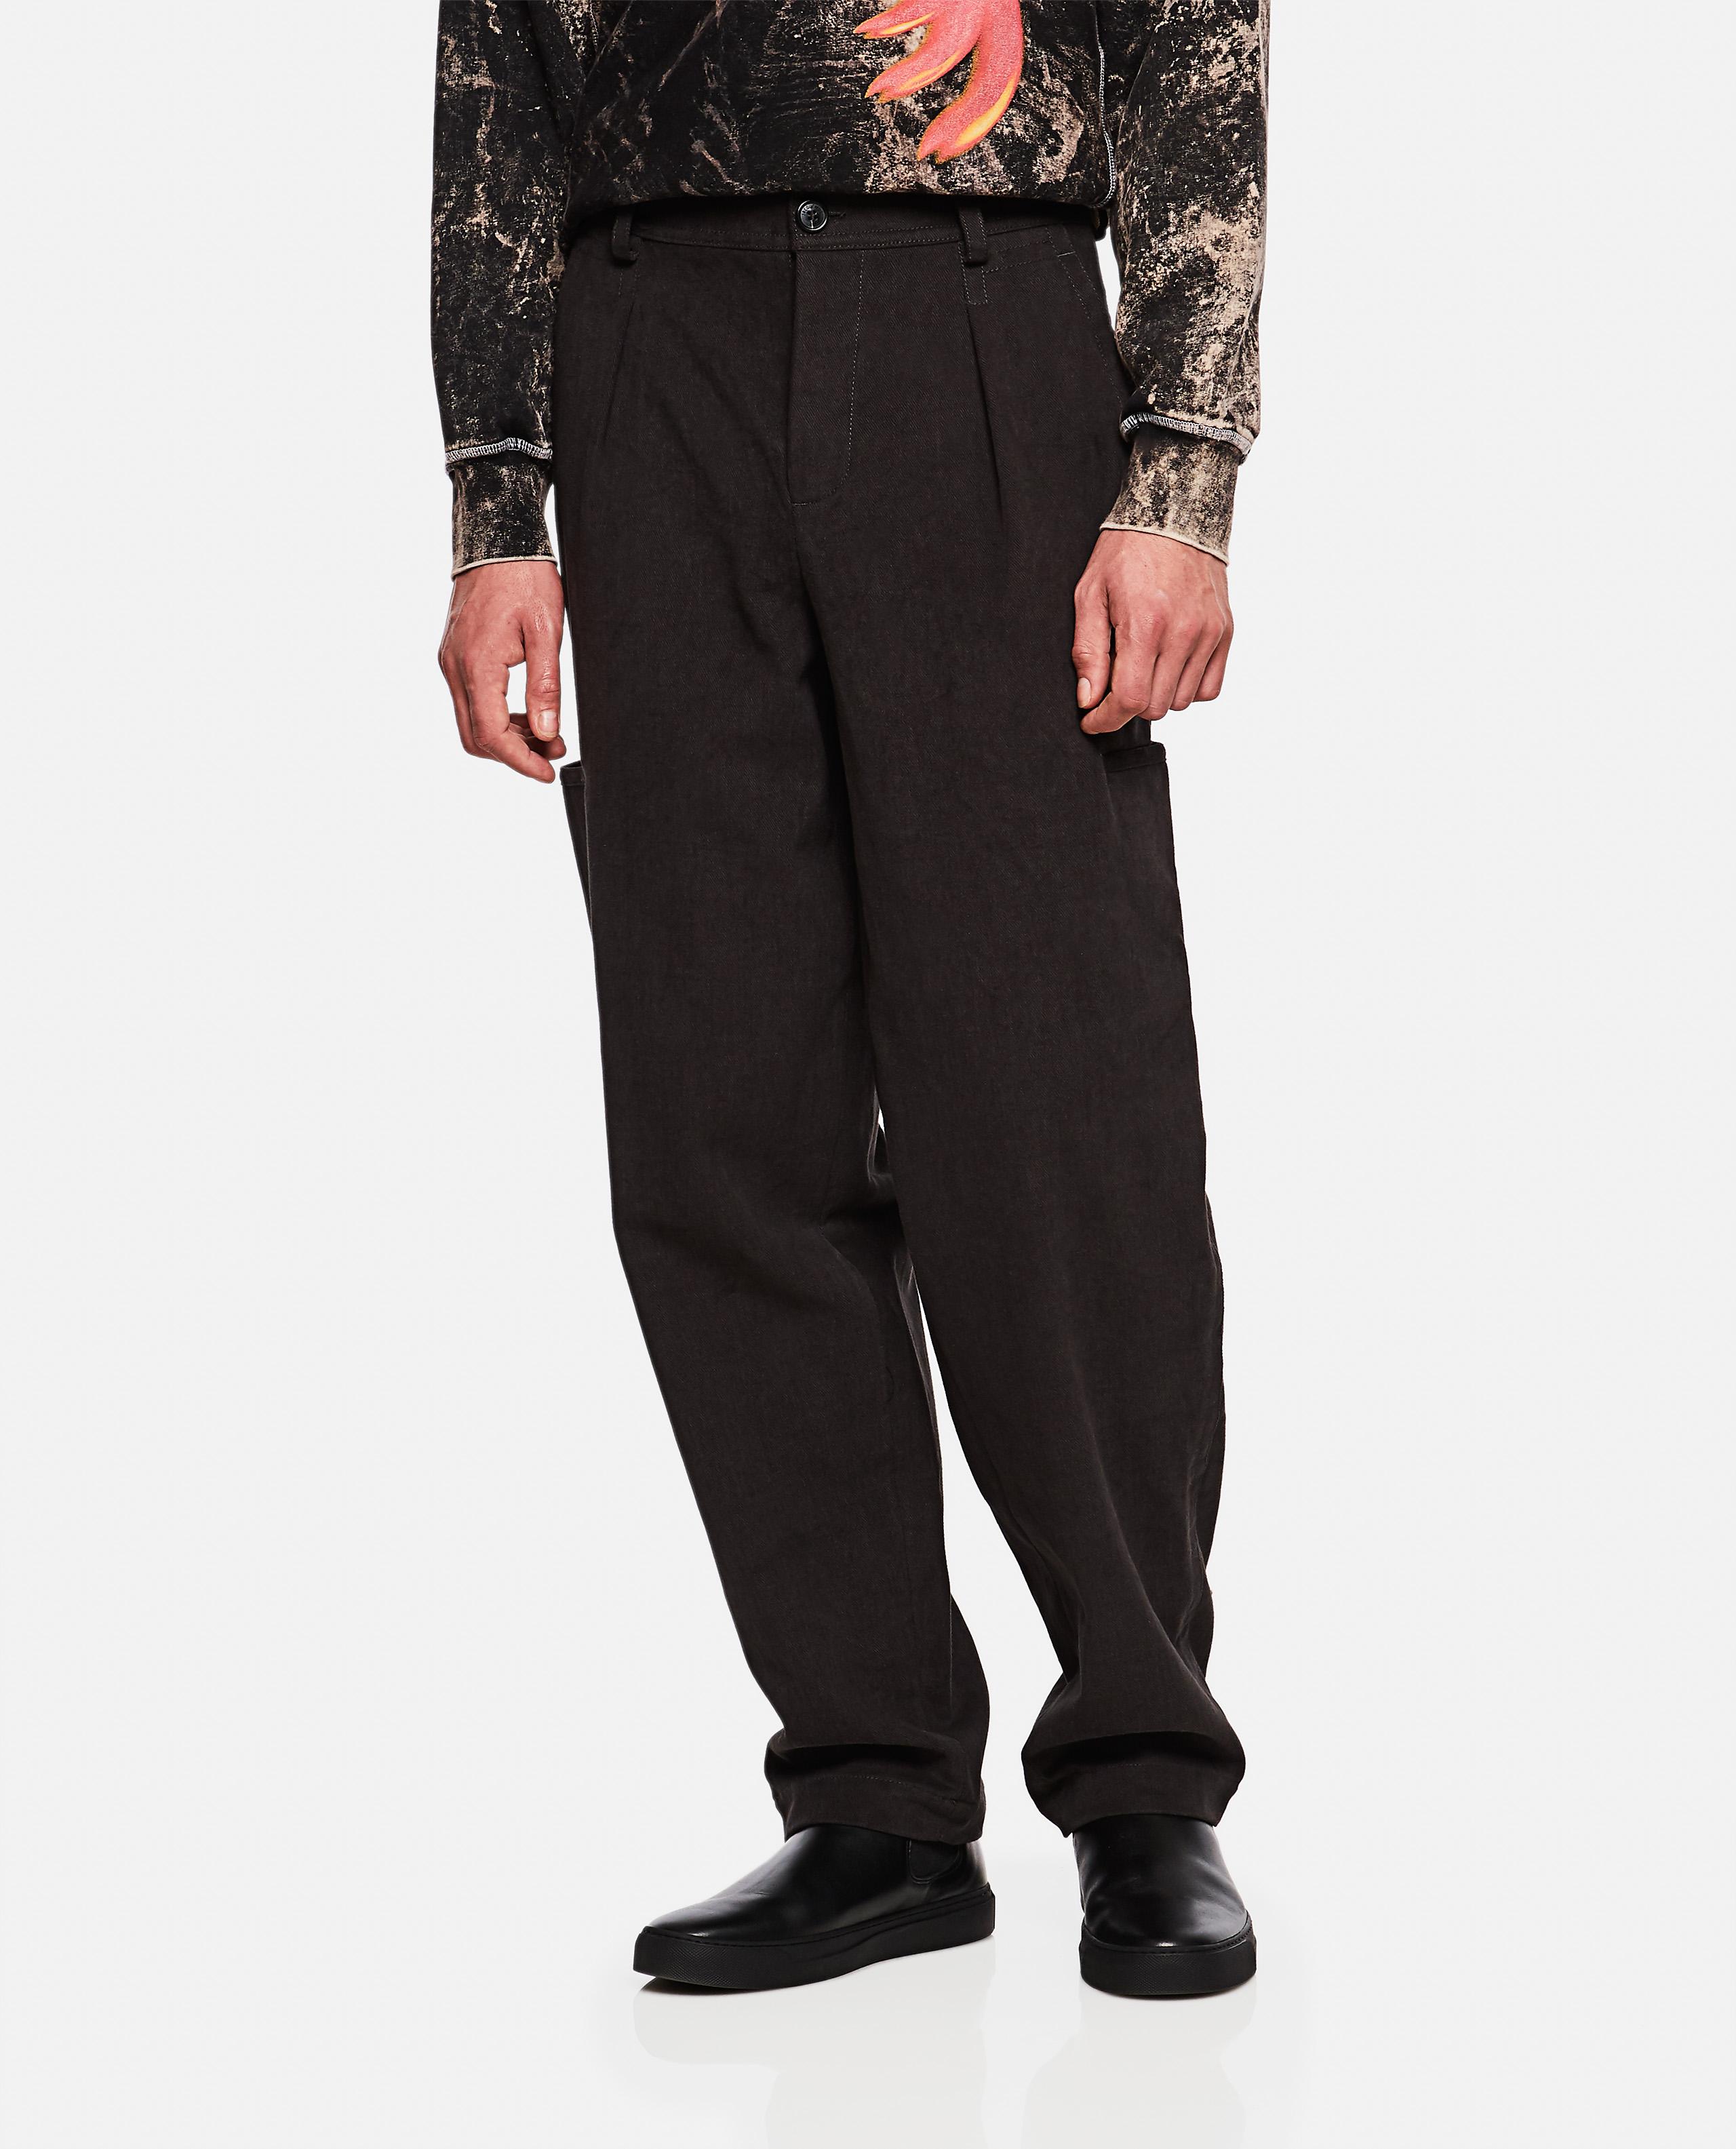 The Simon pants